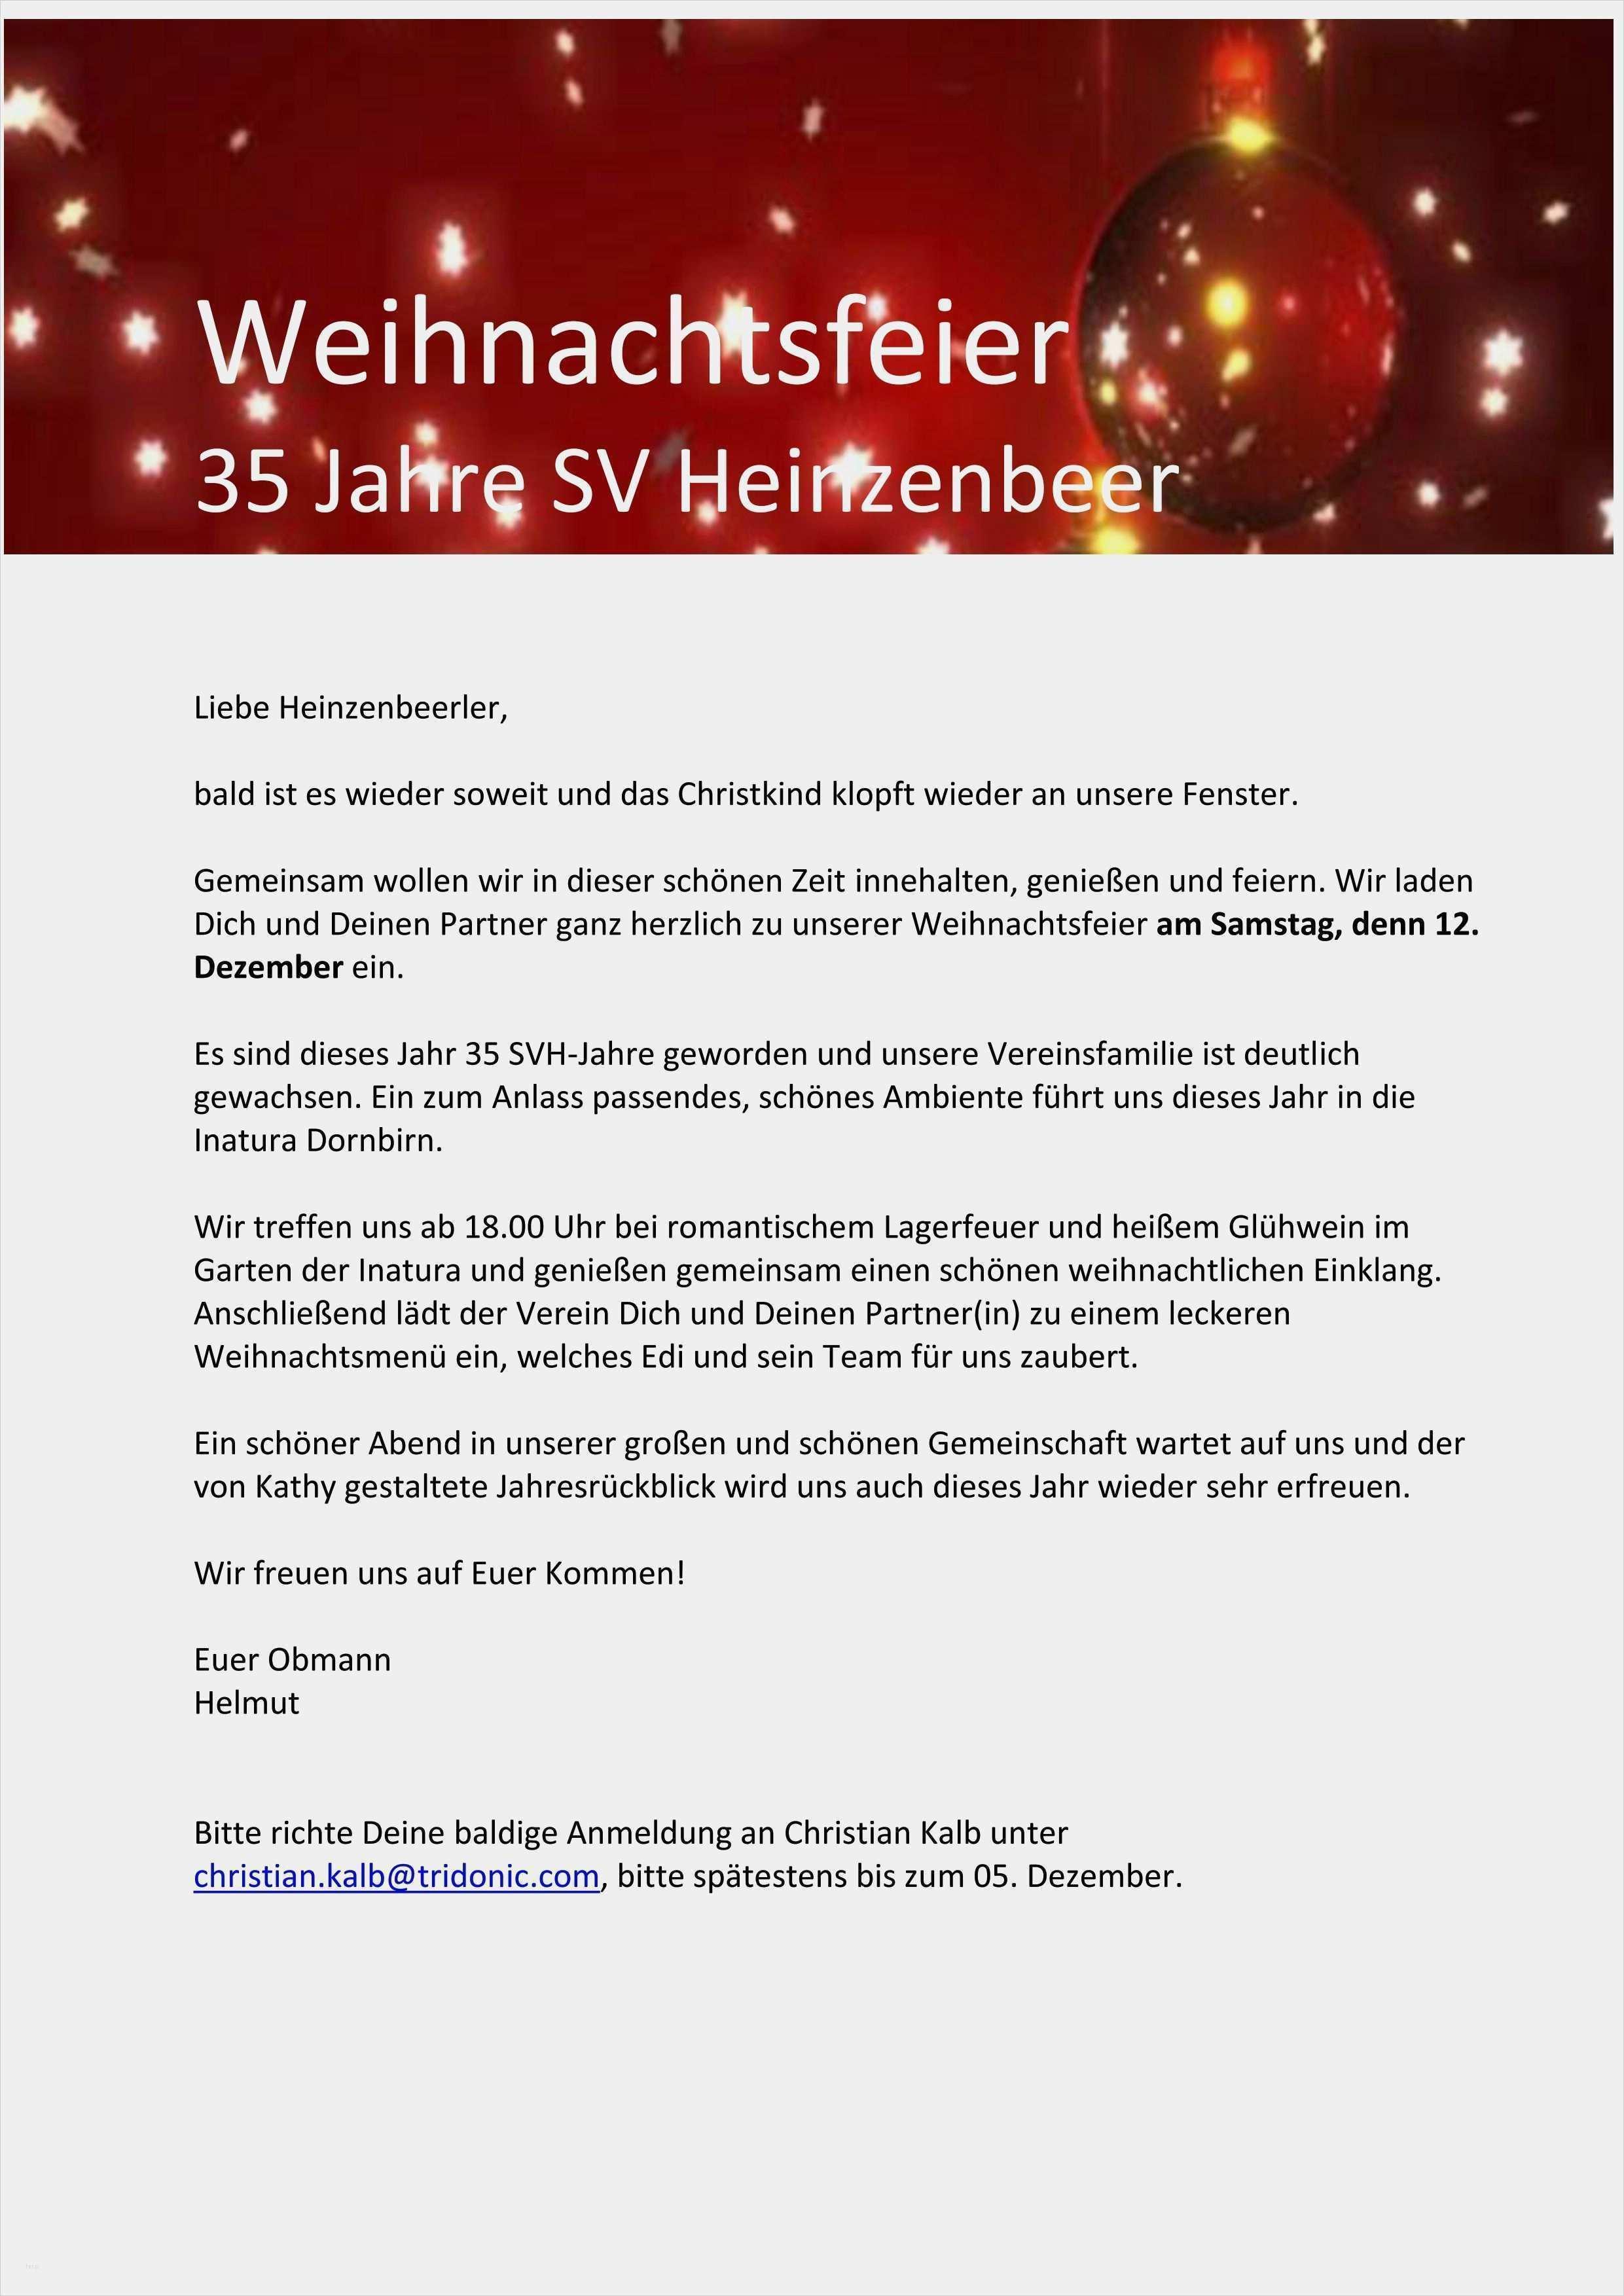 26 Gut Einladung Zur Betriebsfeier Vorlage Kostenlos Modelle Einladung Weihnachtsfeier Weihnachtsfeier Weihnachtsfeier In Der Schule